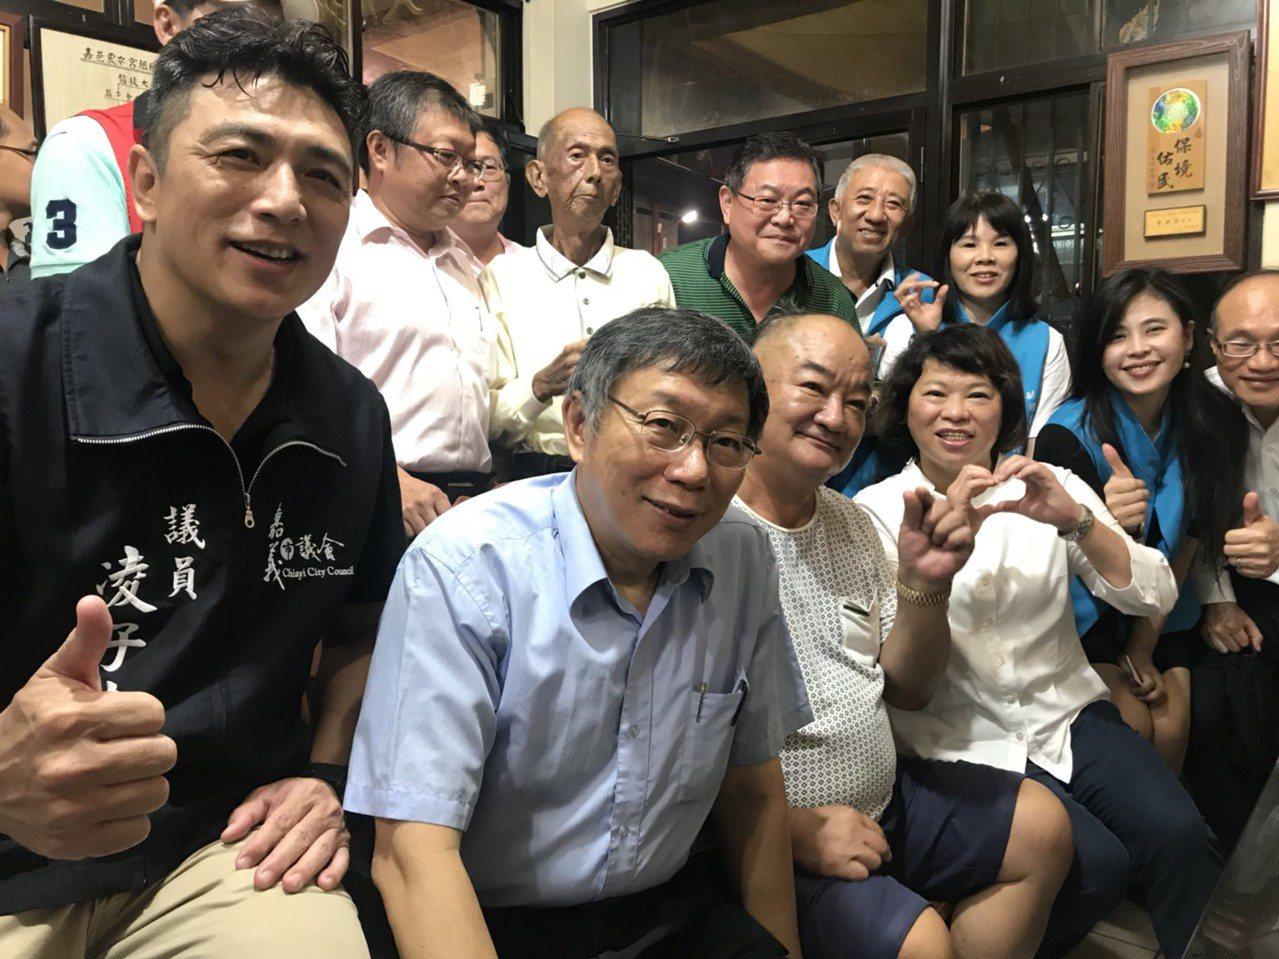 台北市長柯文哲(左二)日前來訪嘉義市,議員凌子楚(左)向他表達要為人民著想等理念...